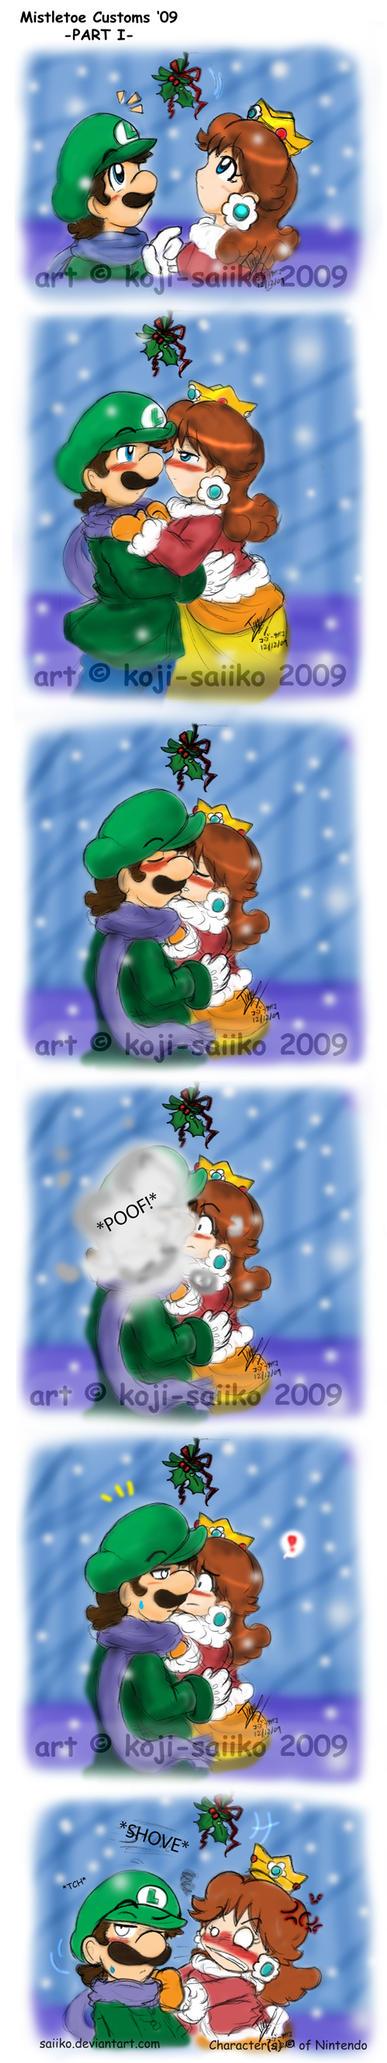 Mario: Mistletoe Customs '09A by saiiko